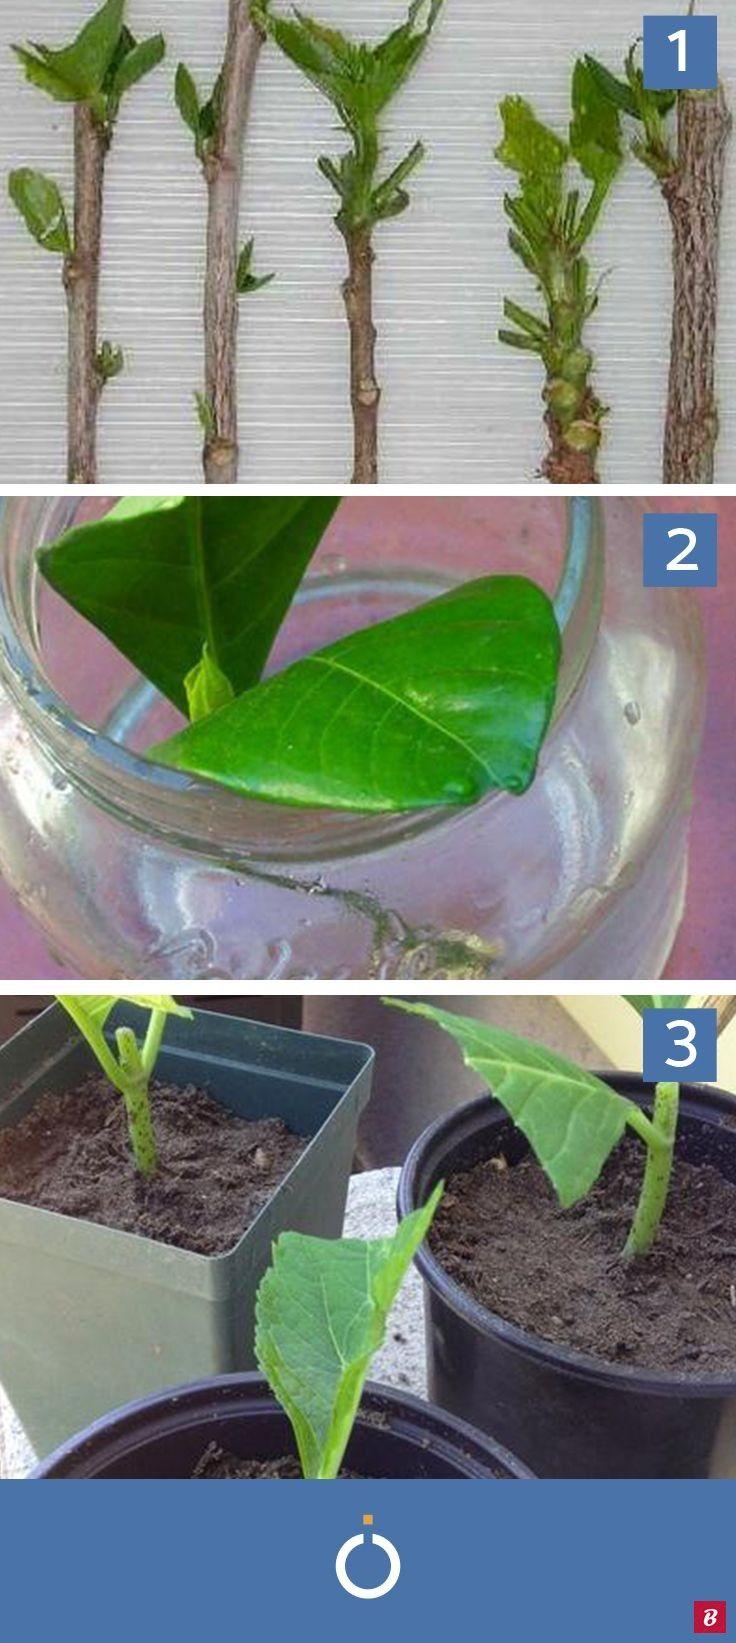 Come piantare talee di ortensia Piantare le ortensie passo per passo Le talee di ortensia sono facili da piantare e hanno bisogno di cure minime per crescere rigogliose S...